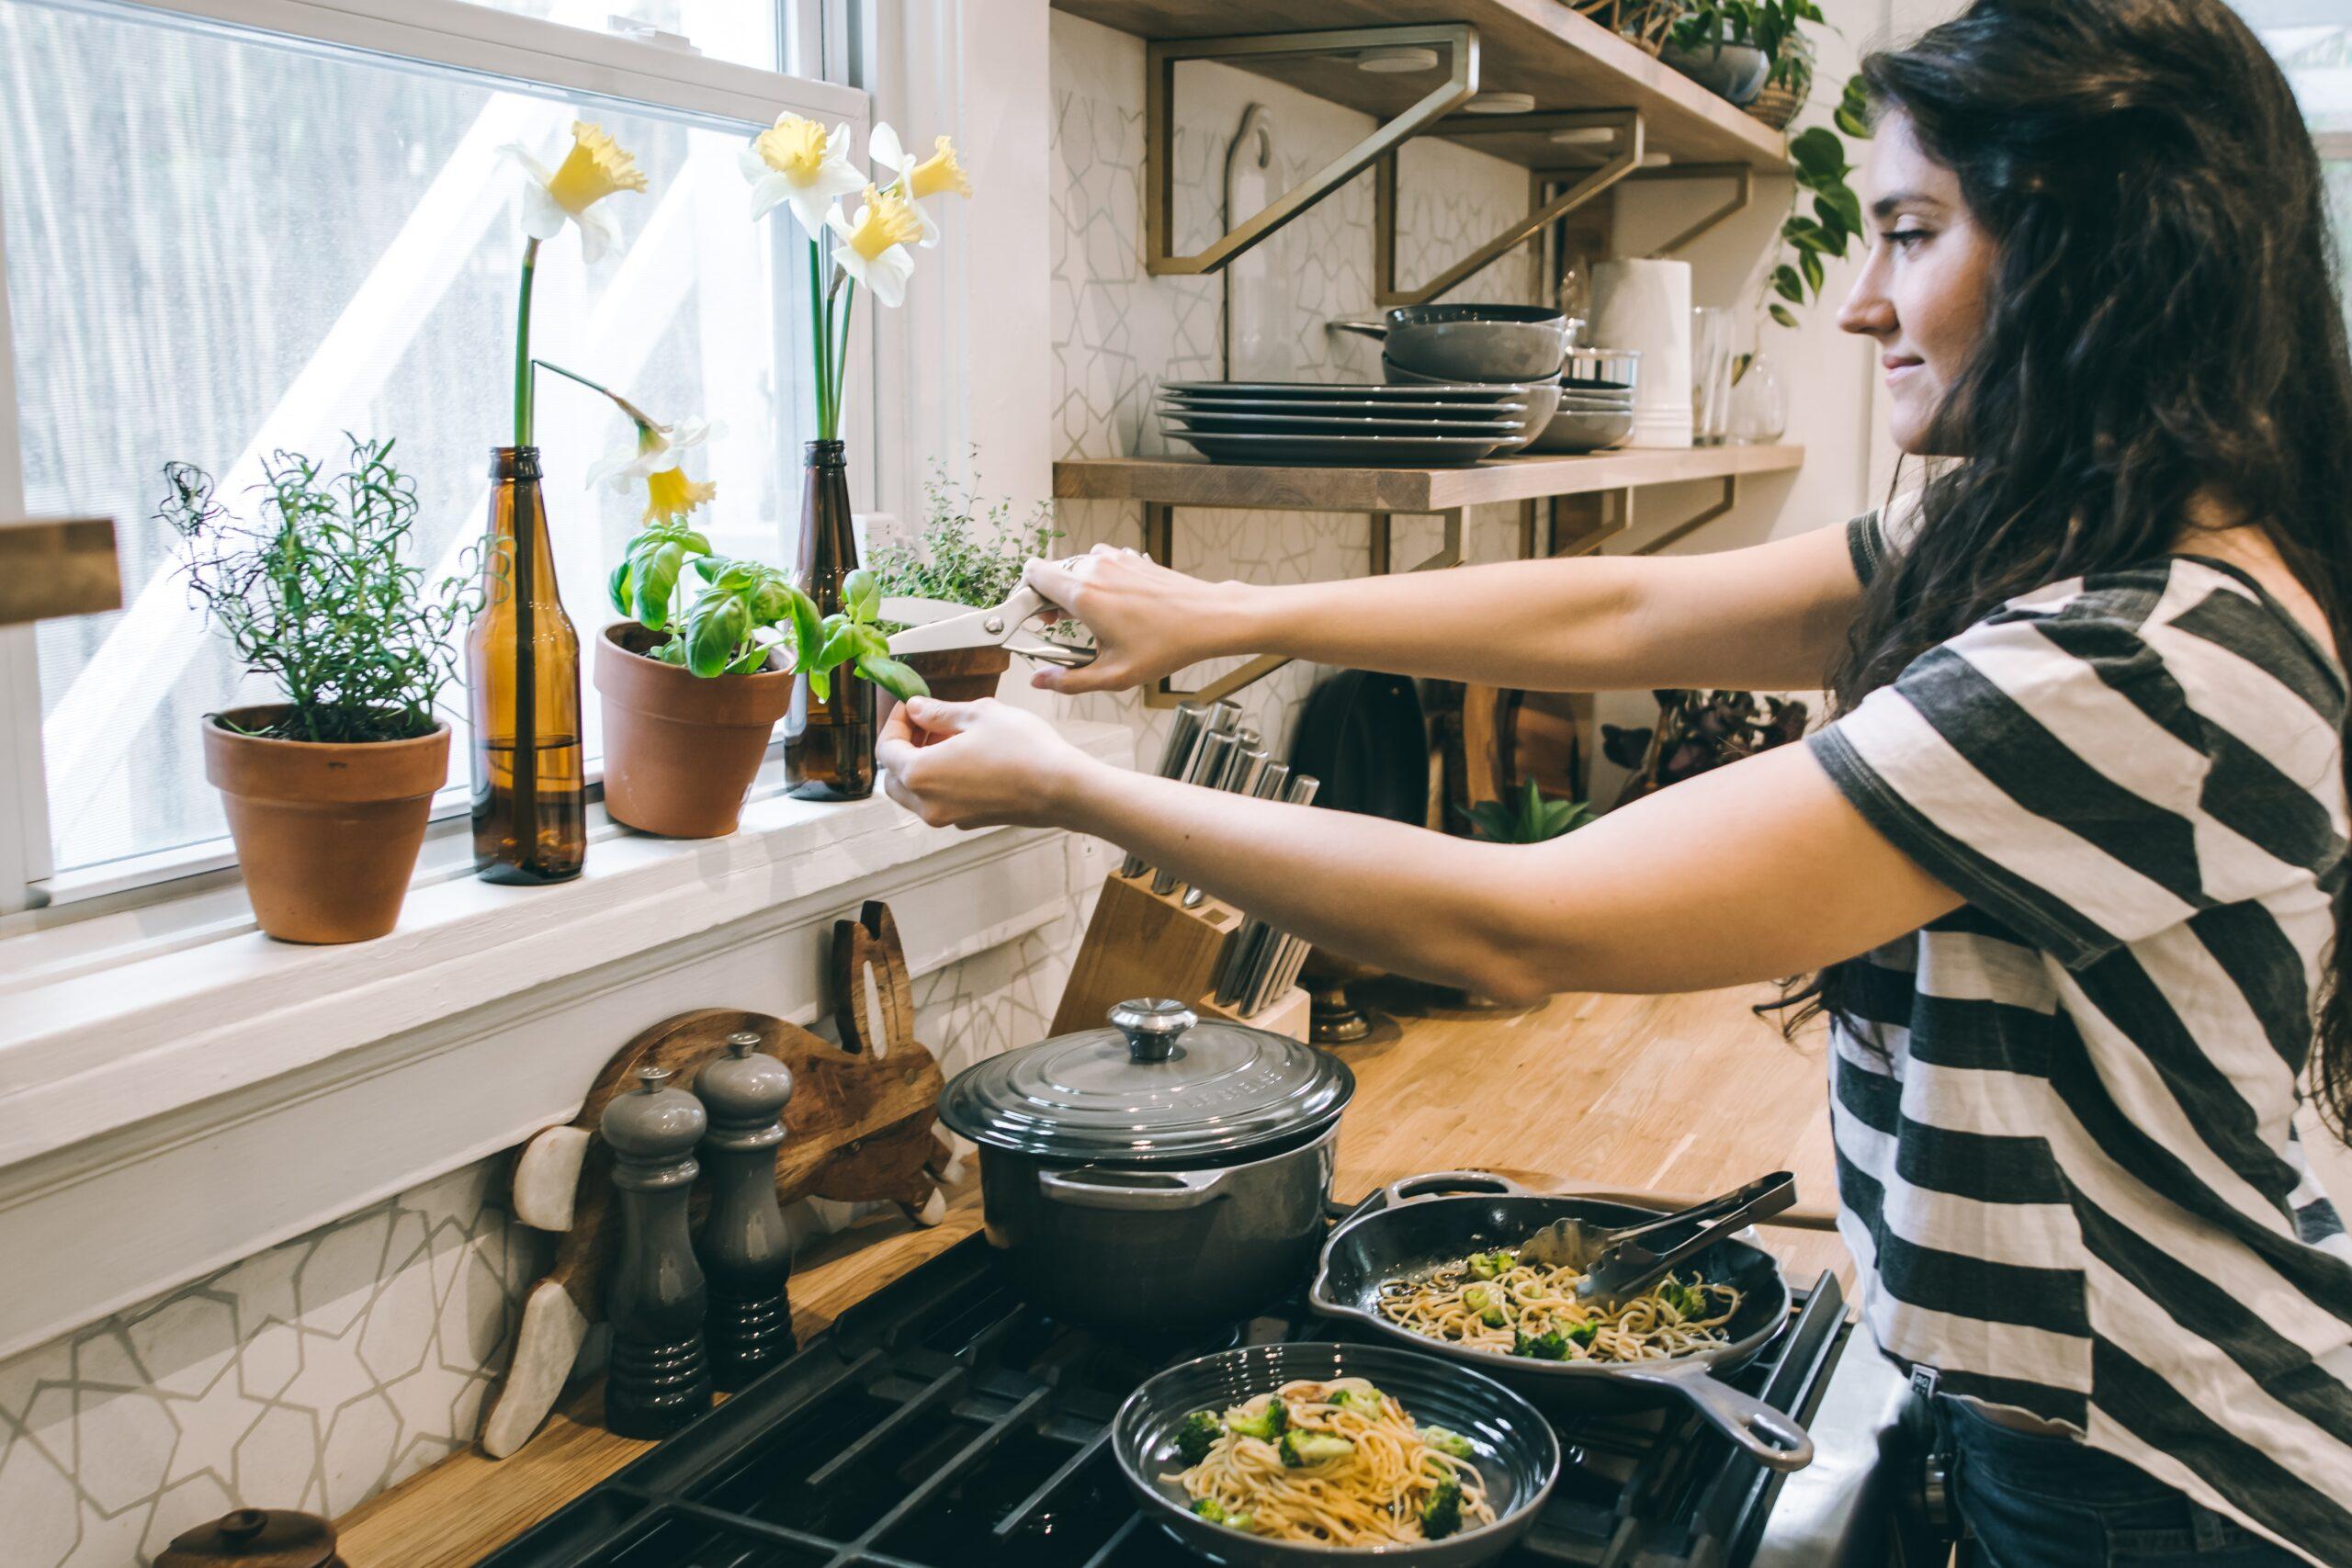 Verspillingsvrije week: 11 tips om minder voedsel te verspillen